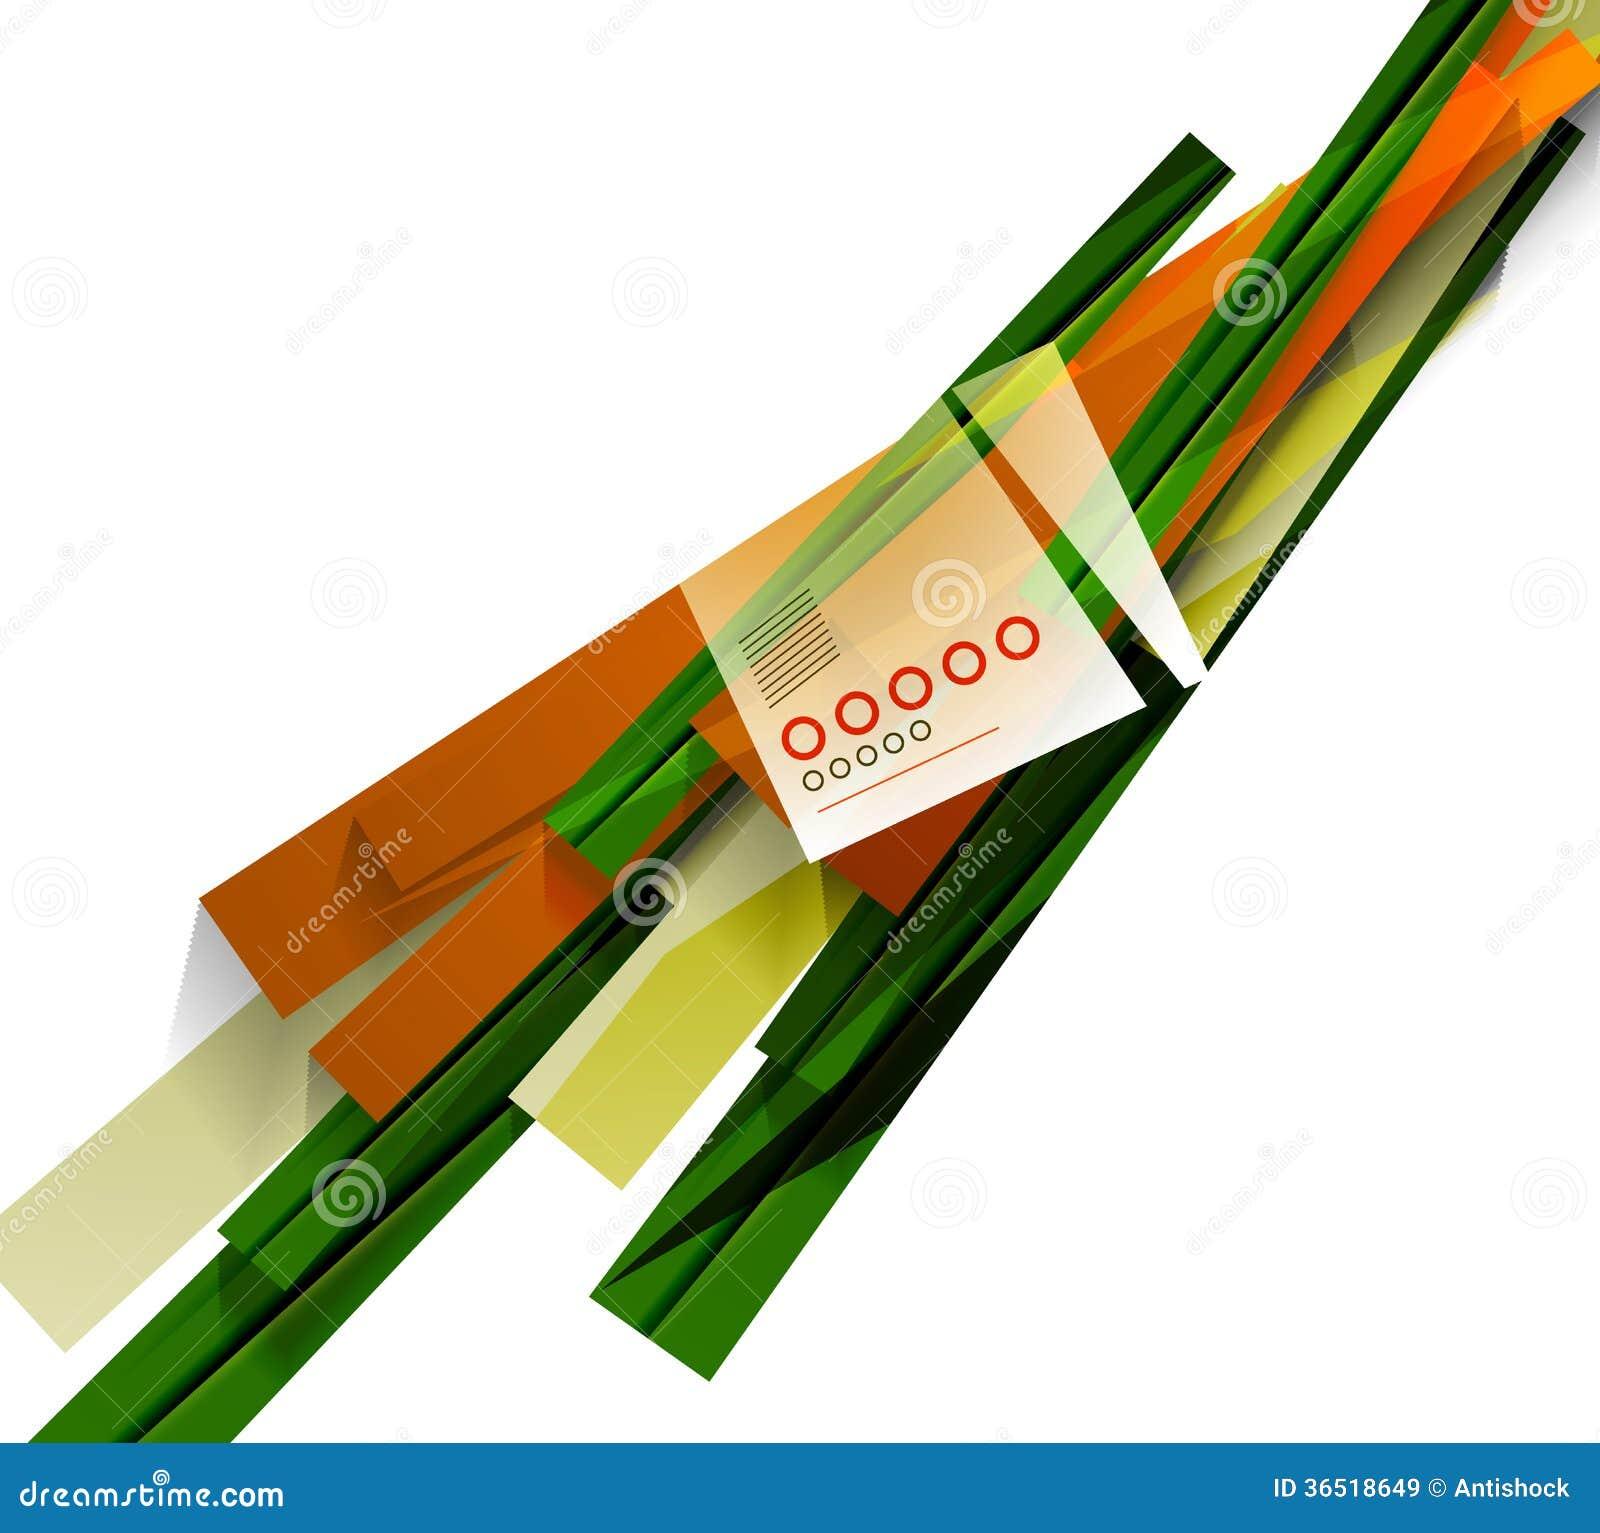 Lignes abstraites de formes géométriques colorées